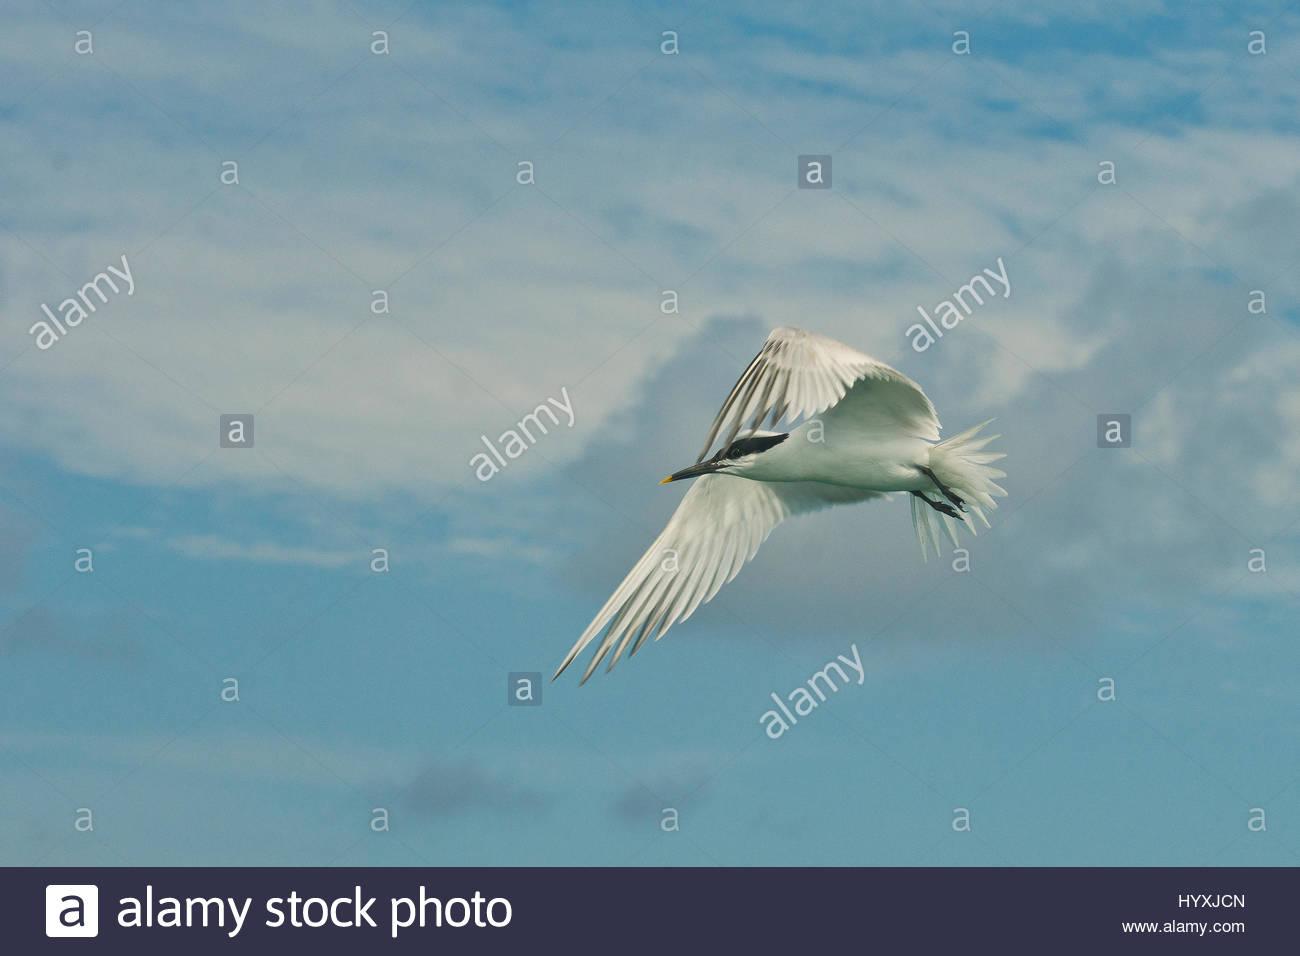 A tern flies in the Gracias a Dios Province, Honduras. Stock Photo